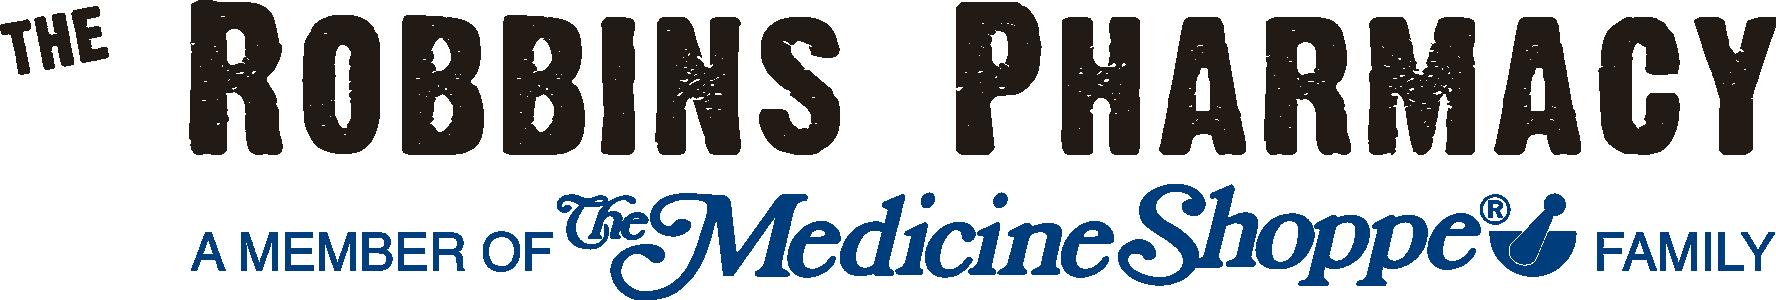 MSI - The Robbins Pharmacy